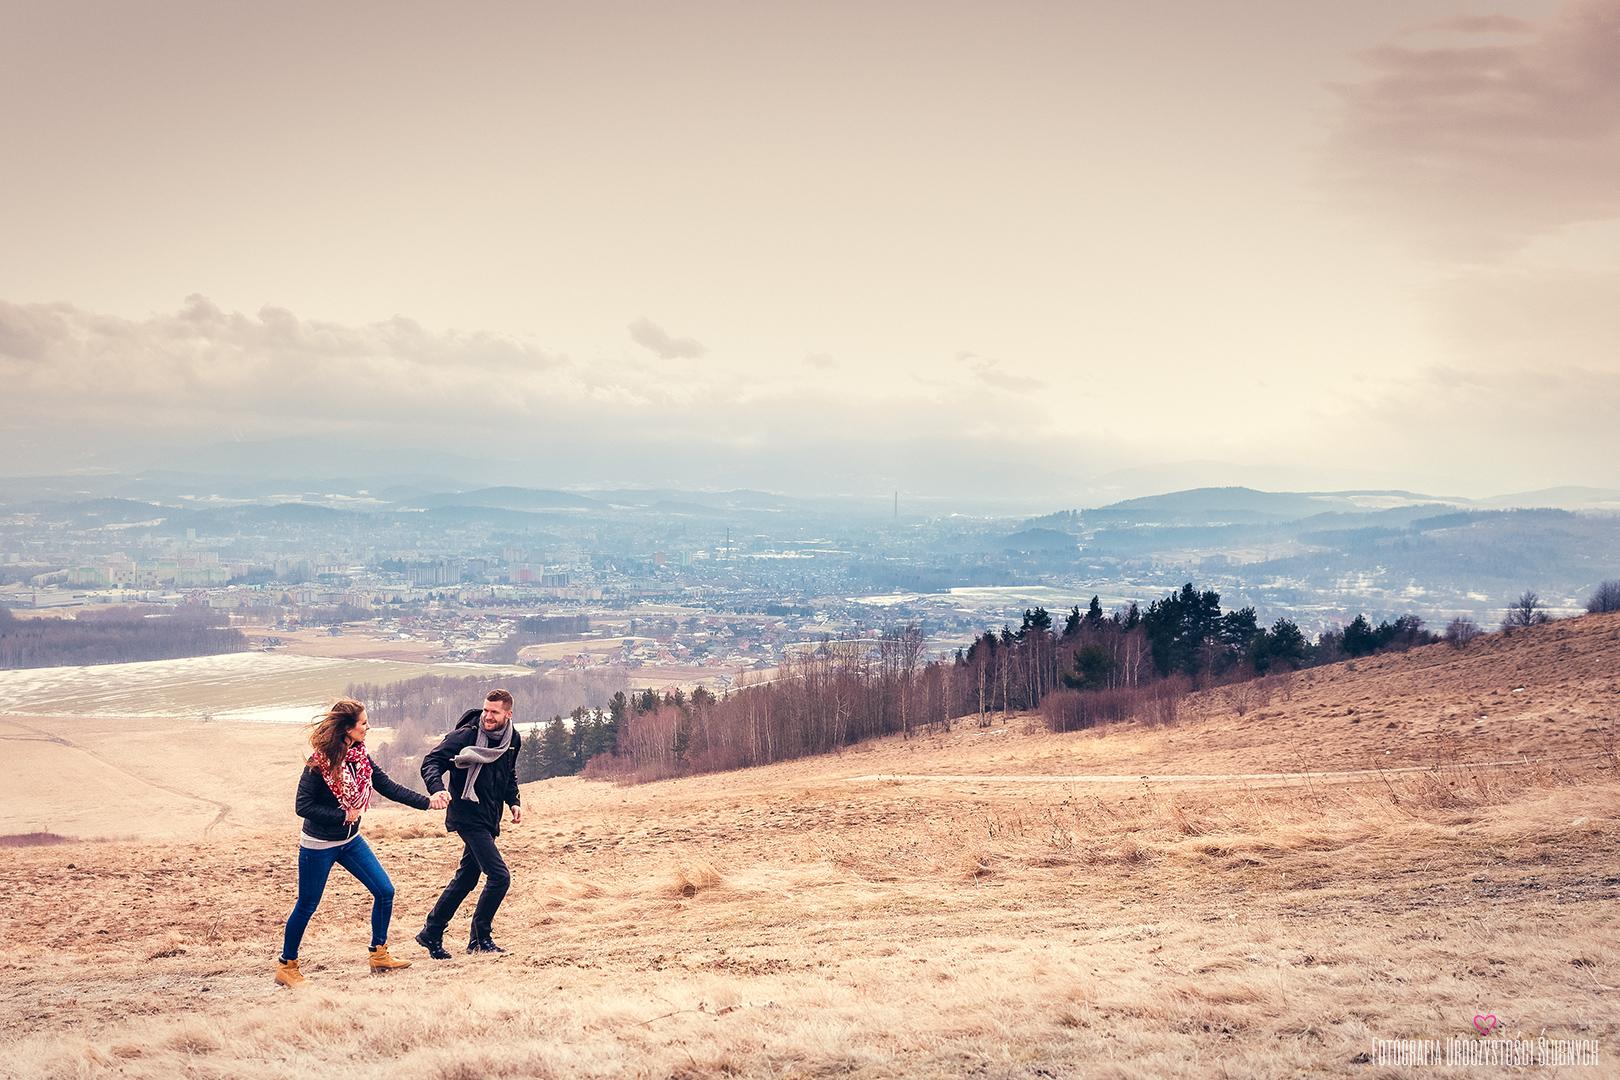 zdjęcia narzeczeńskie Karkonosze, sesje plenerowe w lesie, w górach, zimną. Jelenia Góra, Karpacz, Szklarska Poręba